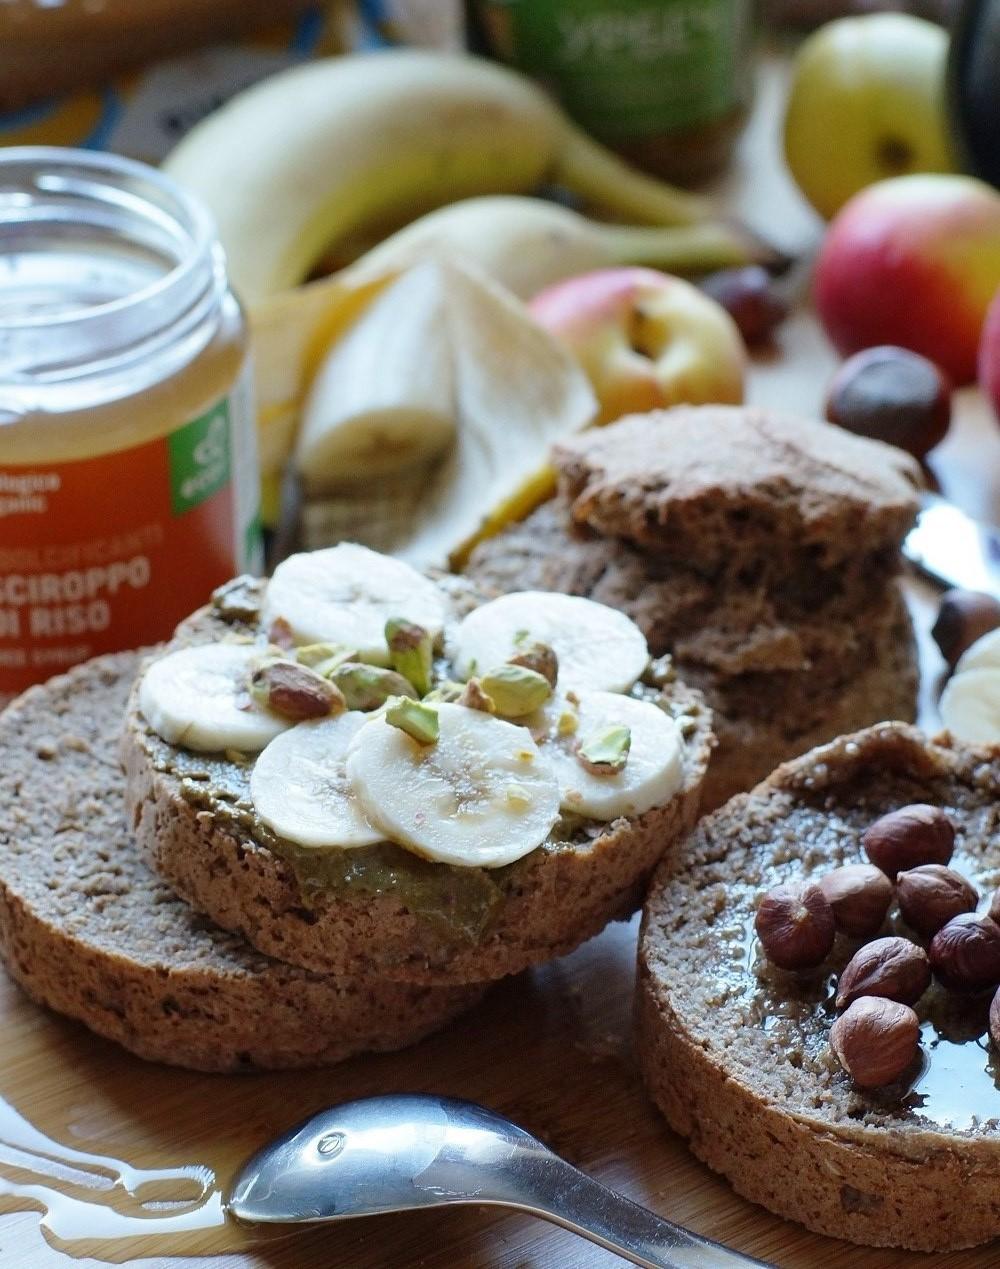 Диетический банановый хлеб: рецепт новые фото